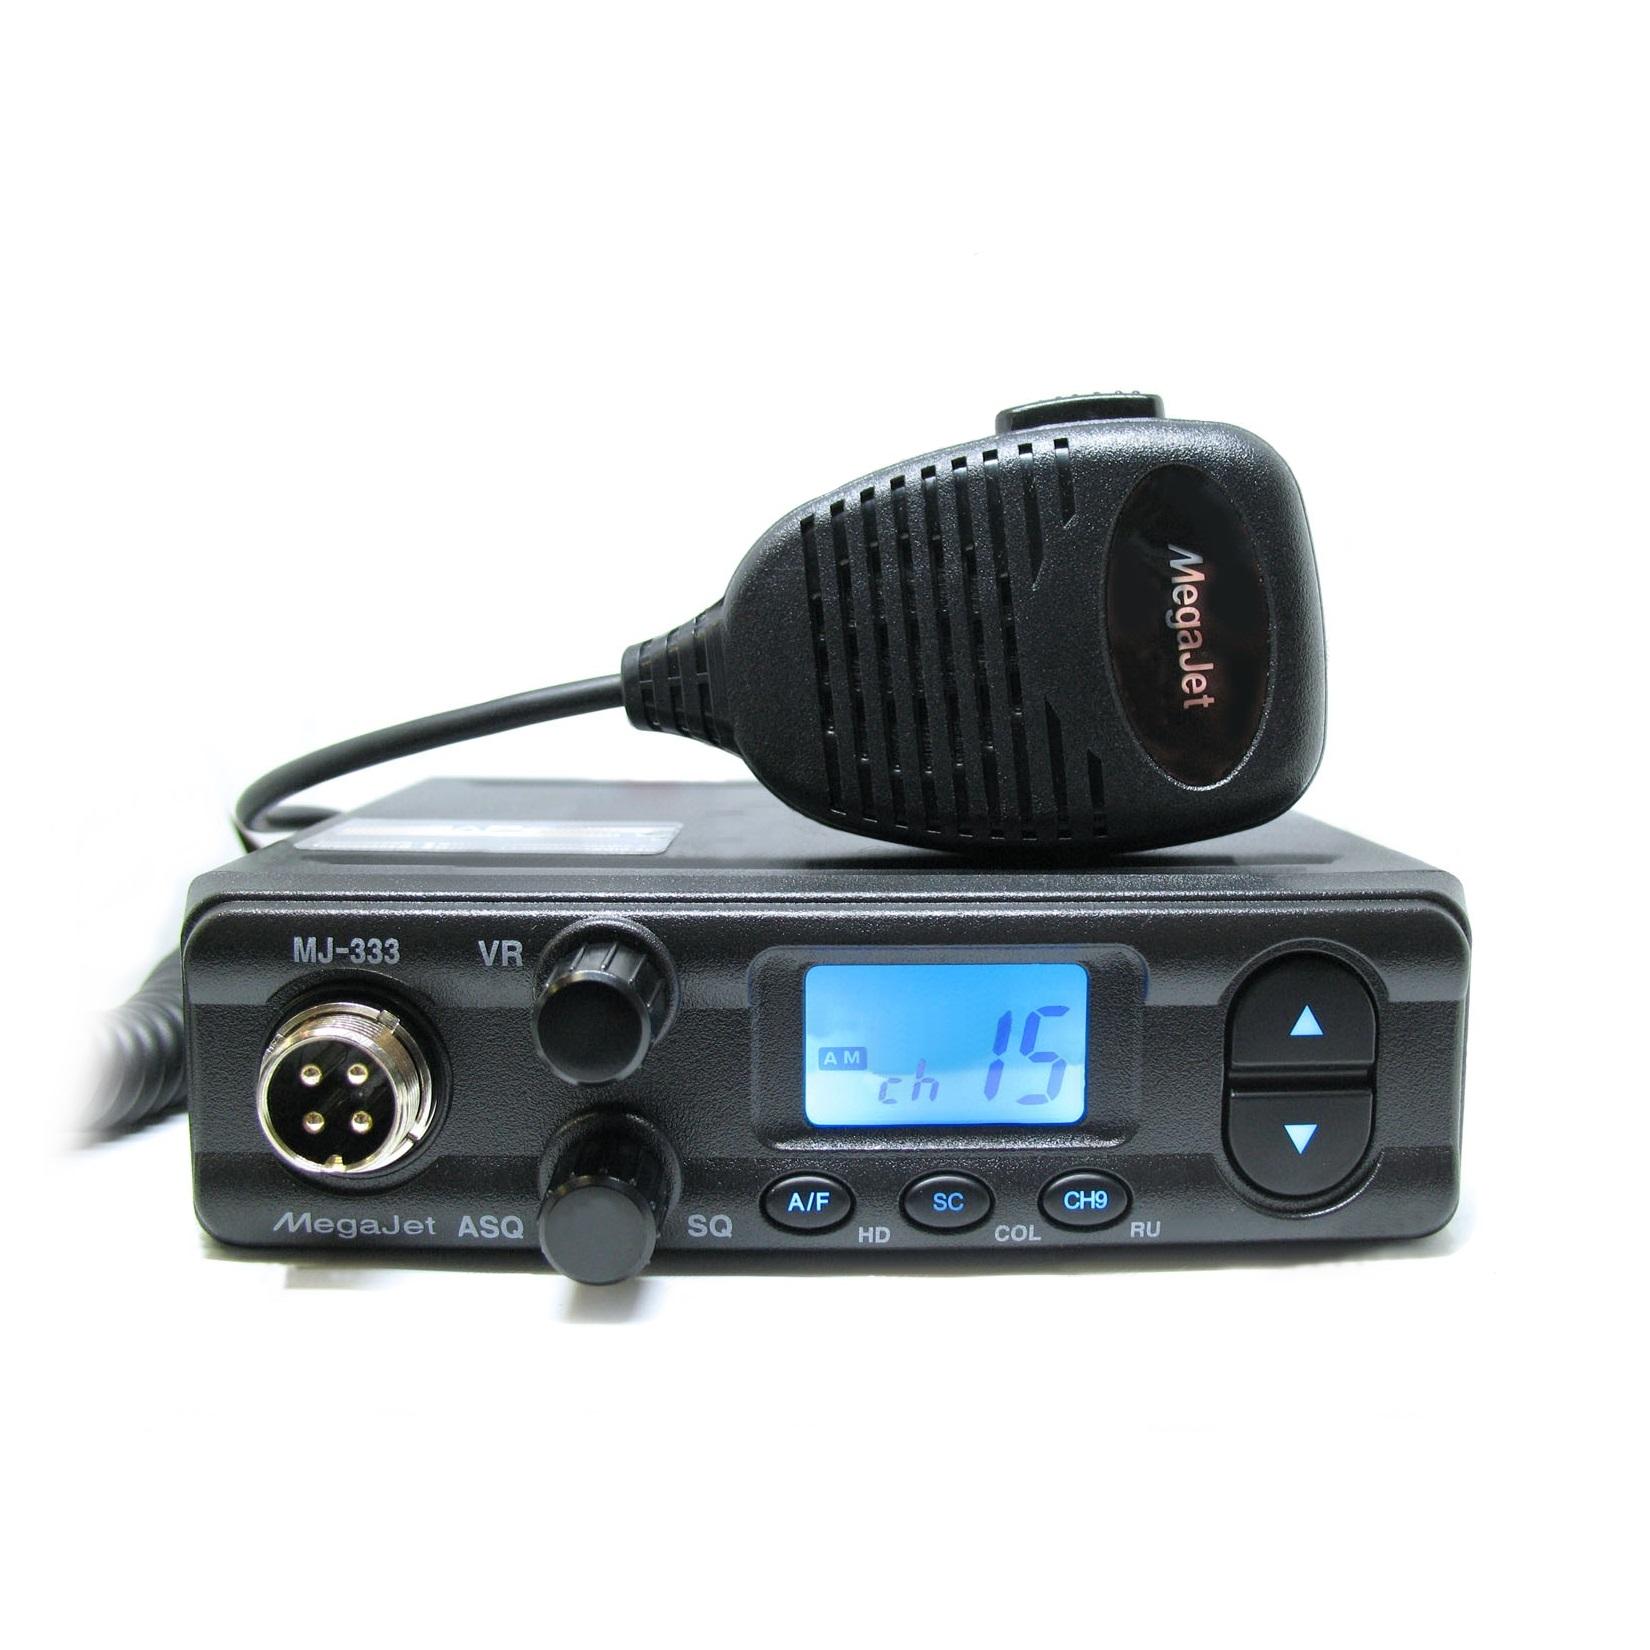 Си би антенна для портативной радиостанции своими руками